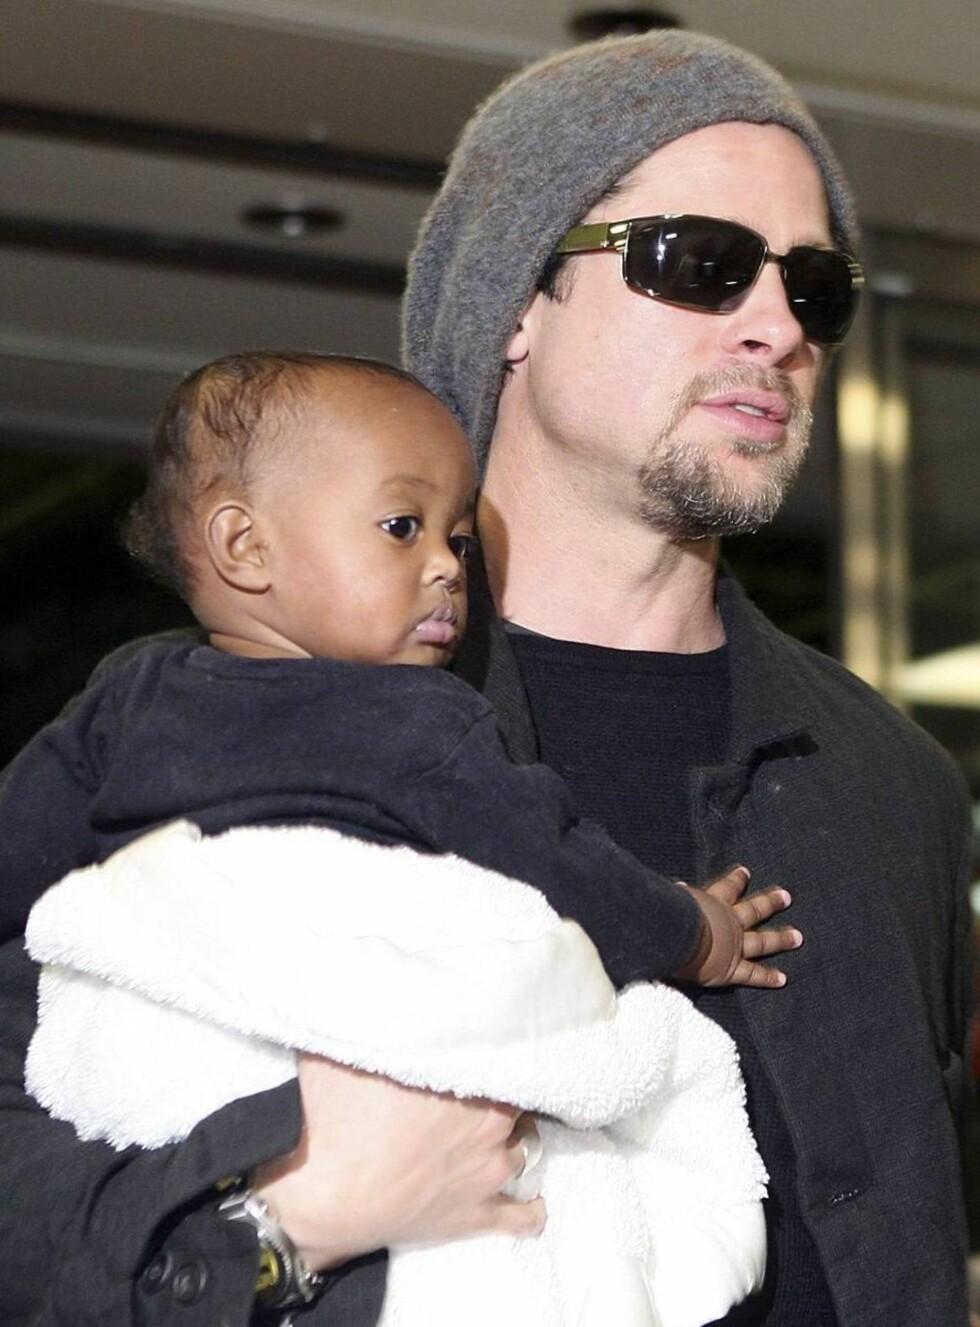 UROLIG: Zahara er alvorlig syk, og Brad er redd hun ikke får god nok behandling i Namibia. Foto: All Over Press